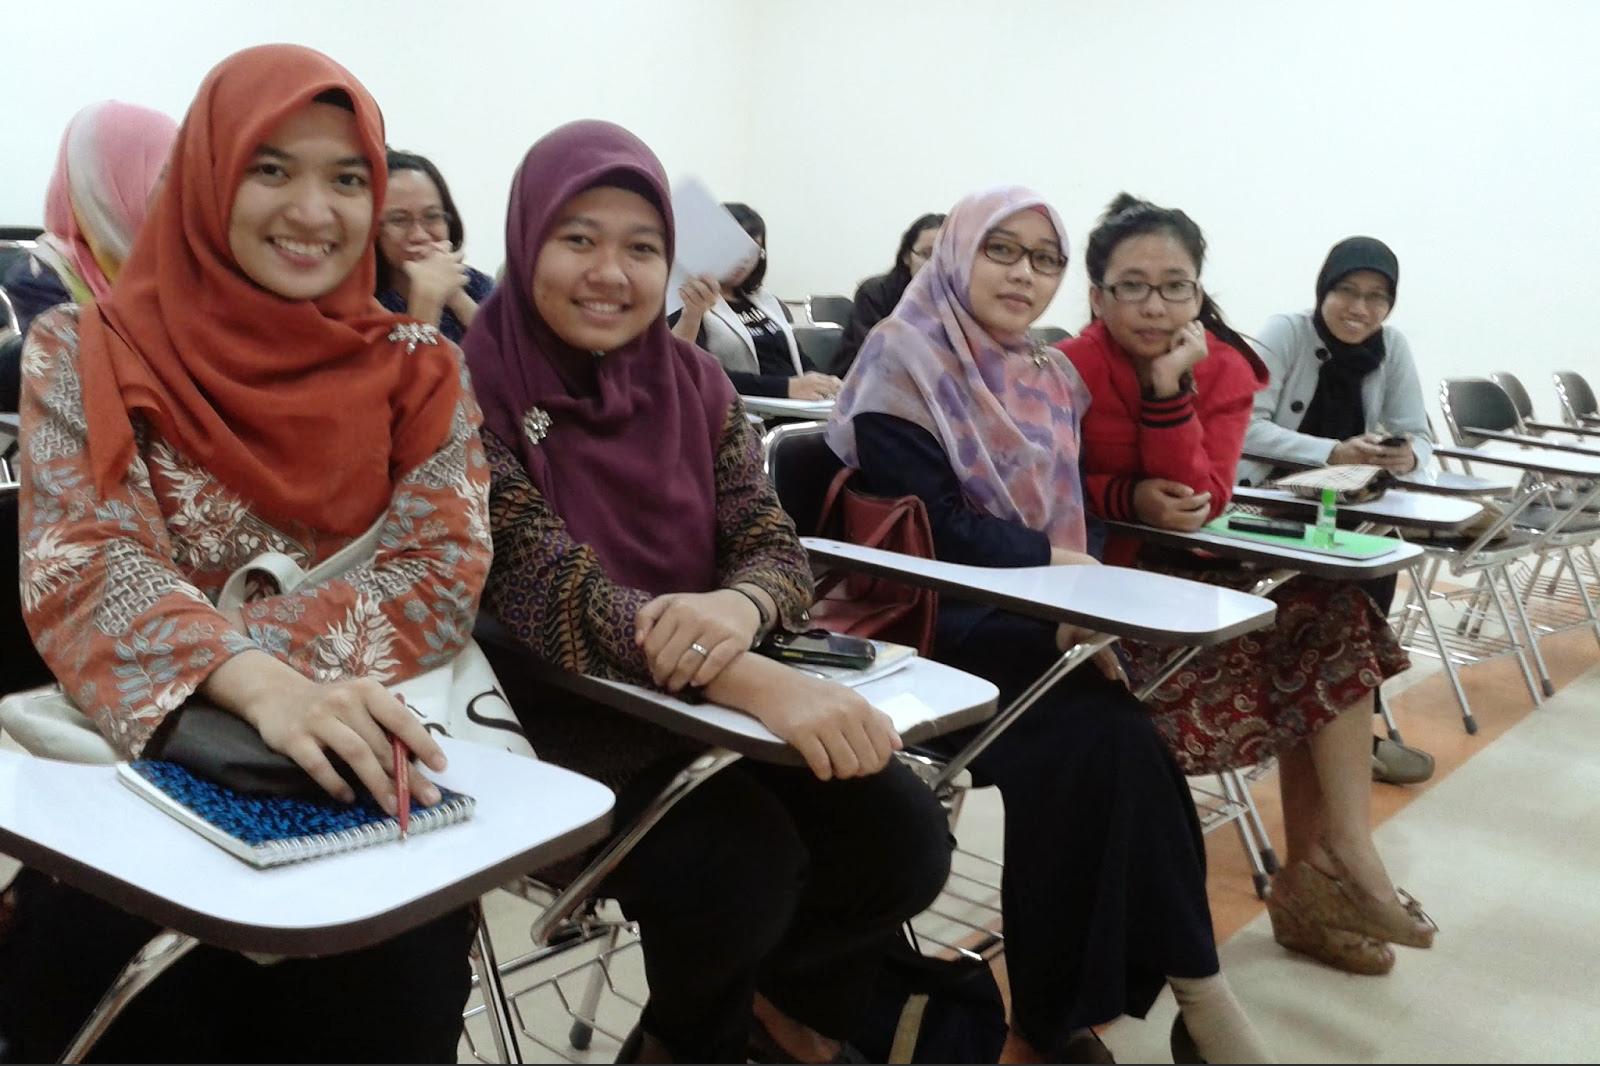 Cewek manis mahasiswi seksi dan hot Pakai Hijab batik di kelas